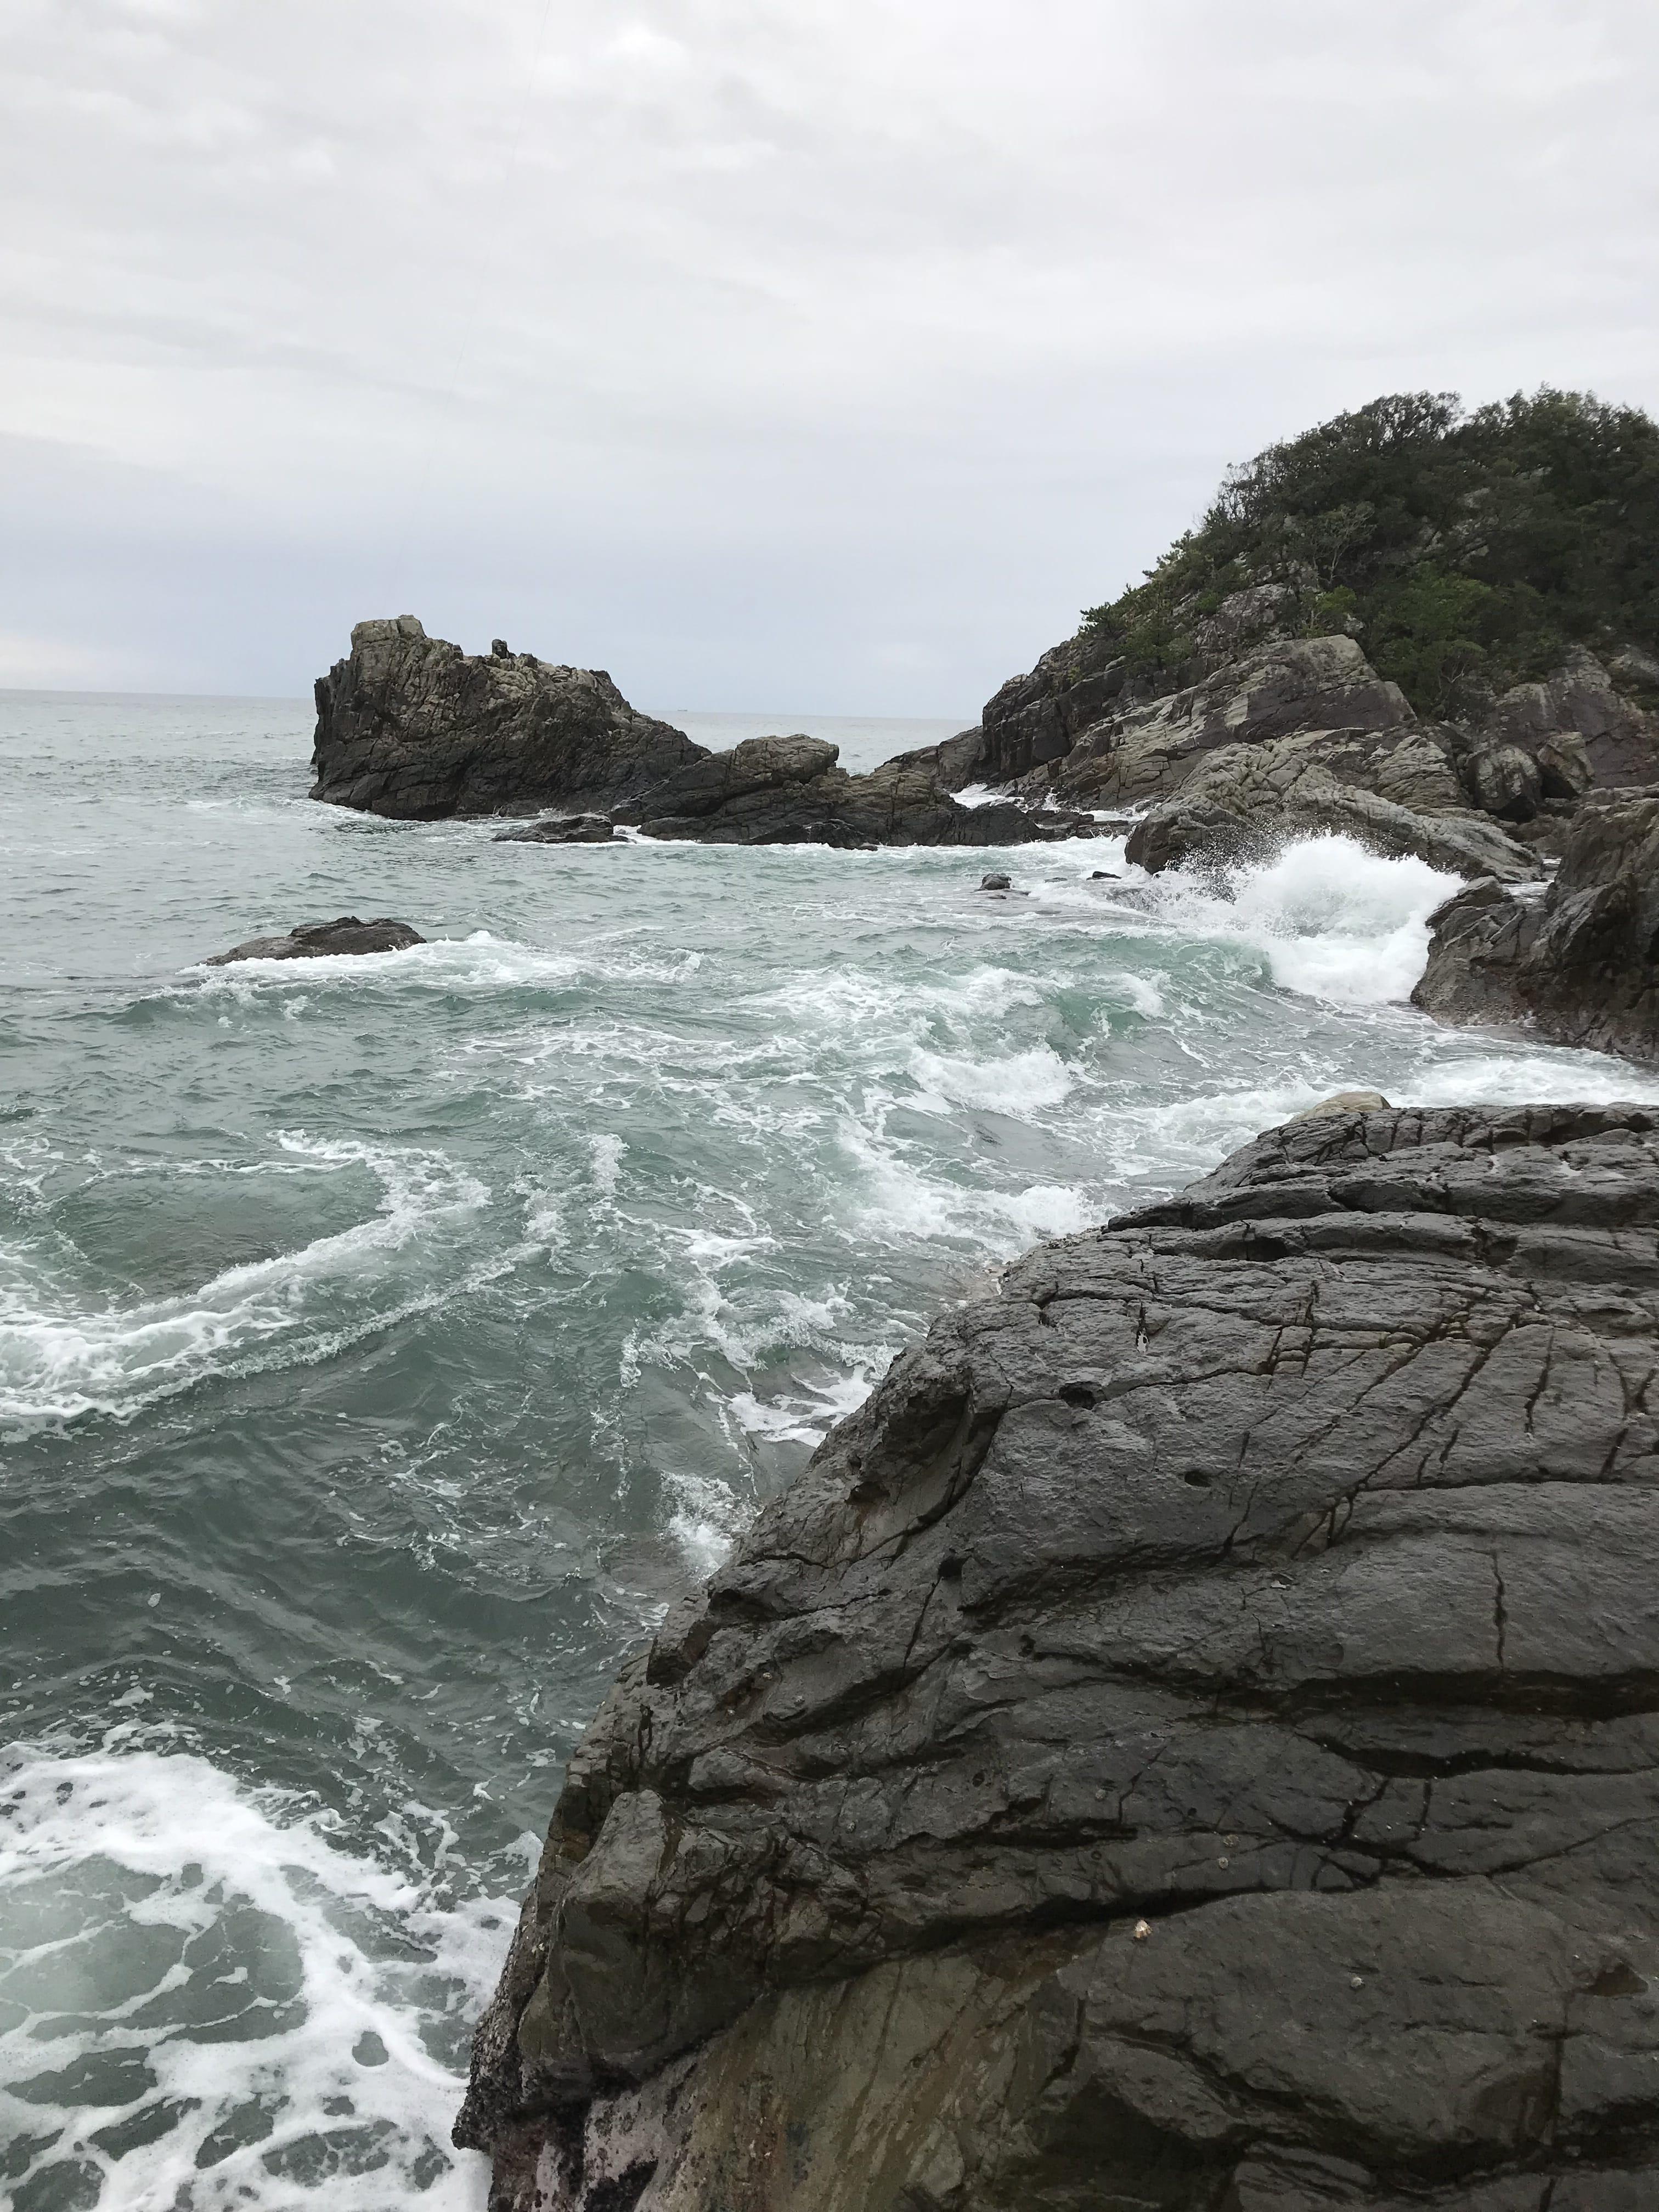 里野地磯の釣り場紹介、和歌山県南紀すさみの西風に強い冬場もアオリイカを狙えるエギングにオススメの地磯